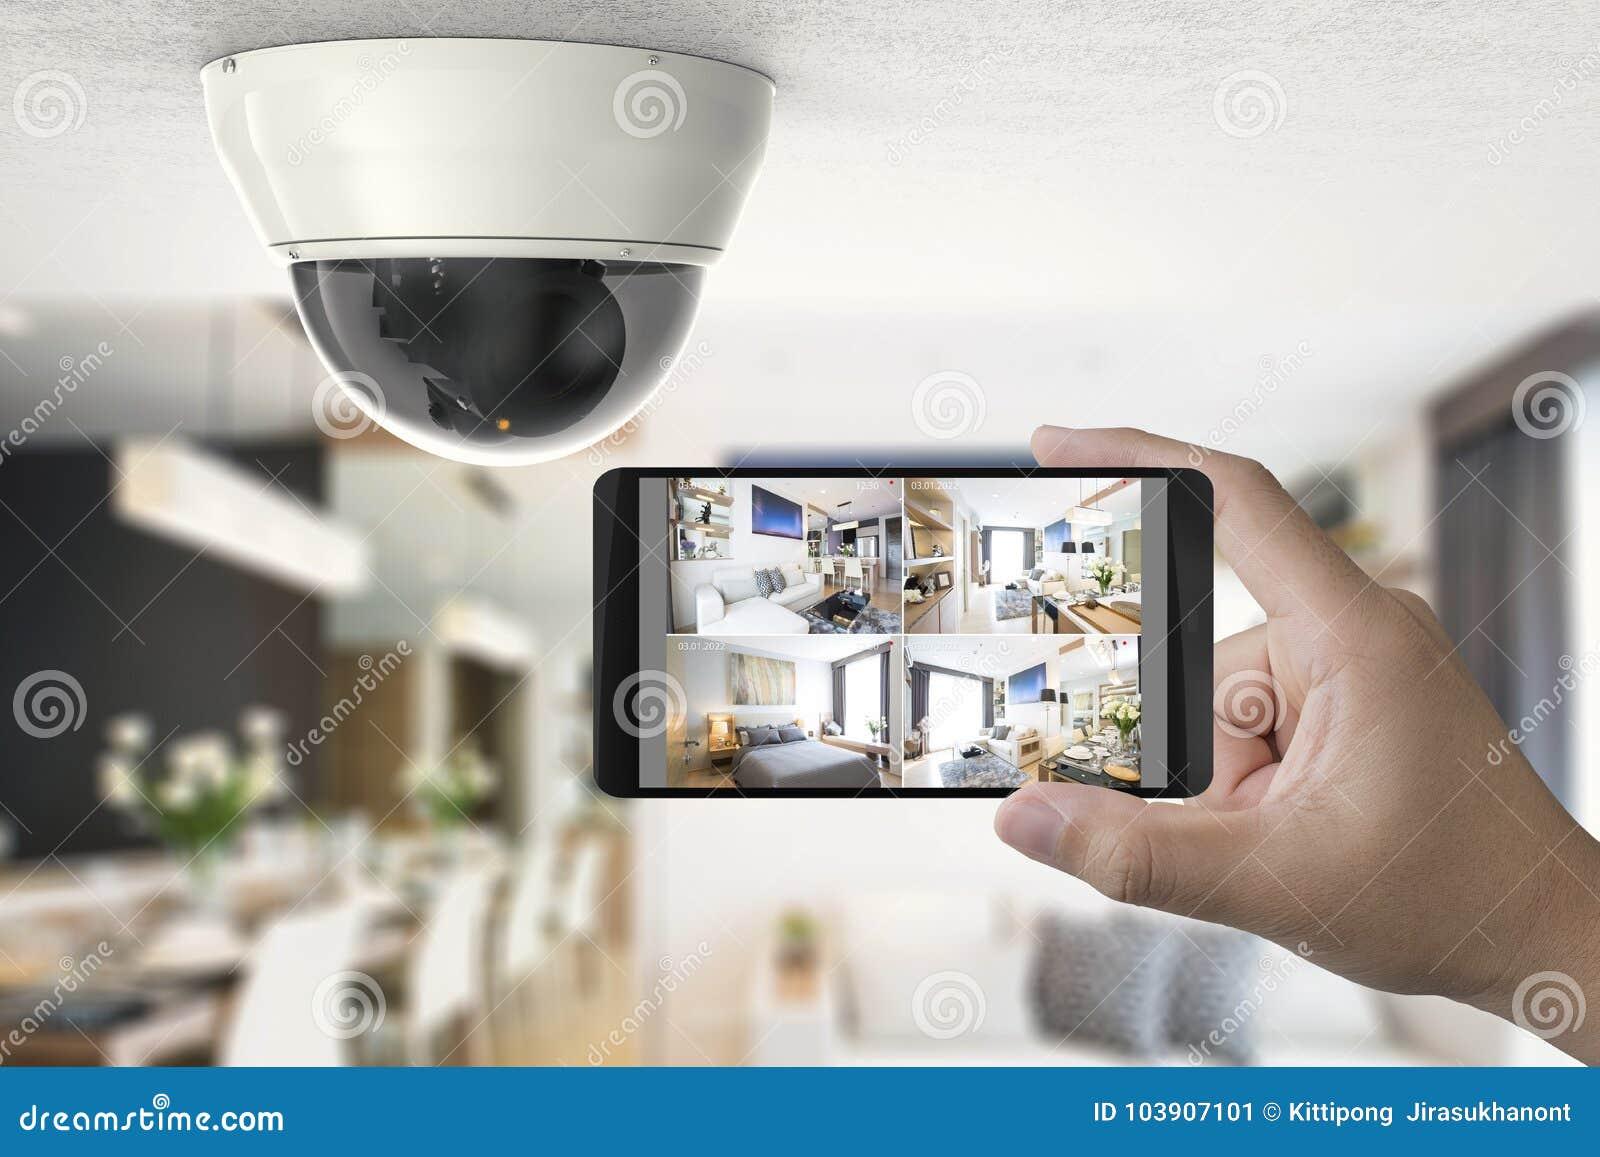 O móbil conecta com a câmara de segurança